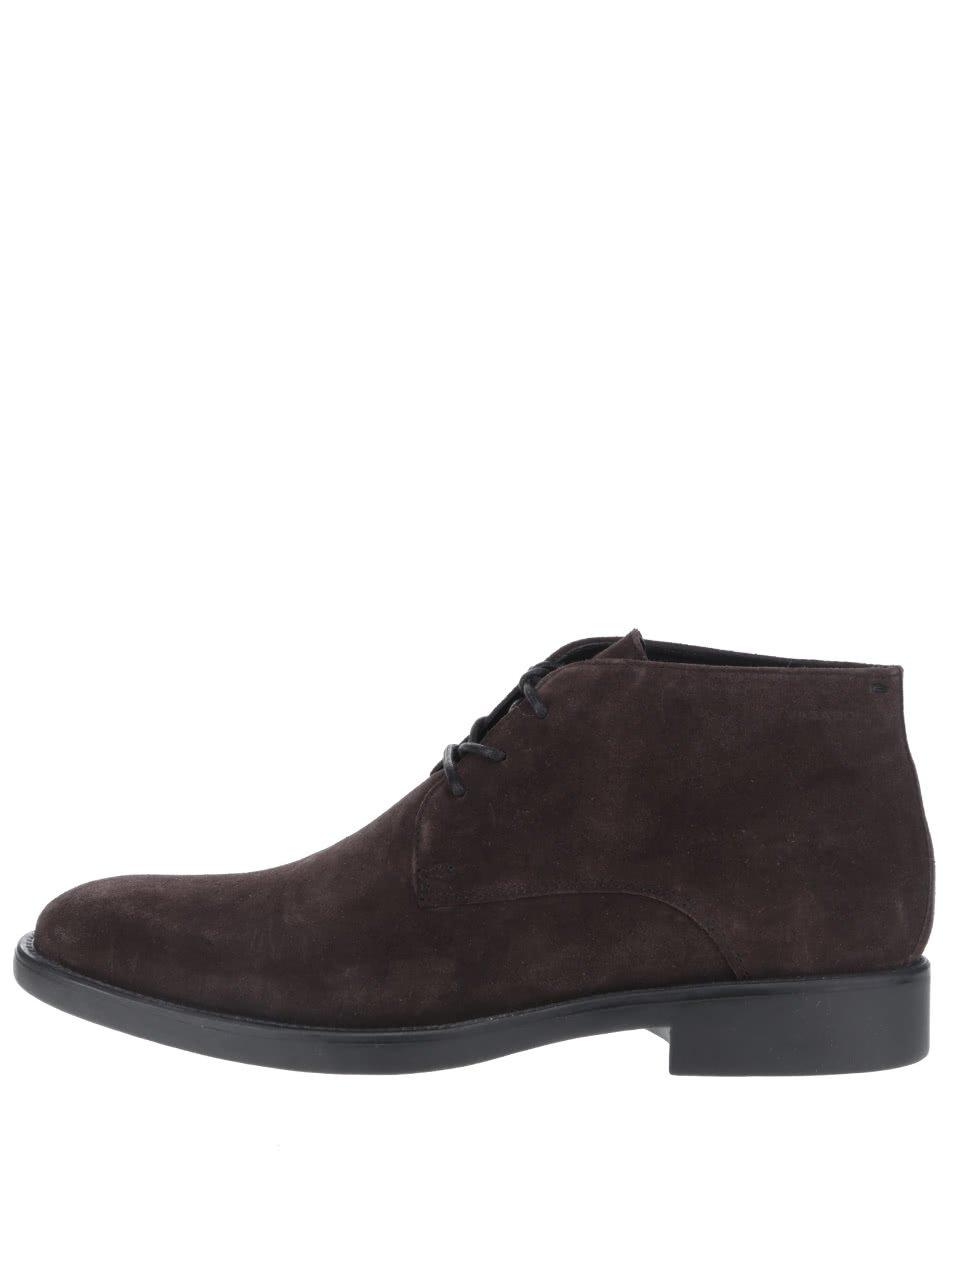 Tmavě hnědé pánské semišové kotníkové boty Vagabond Noel